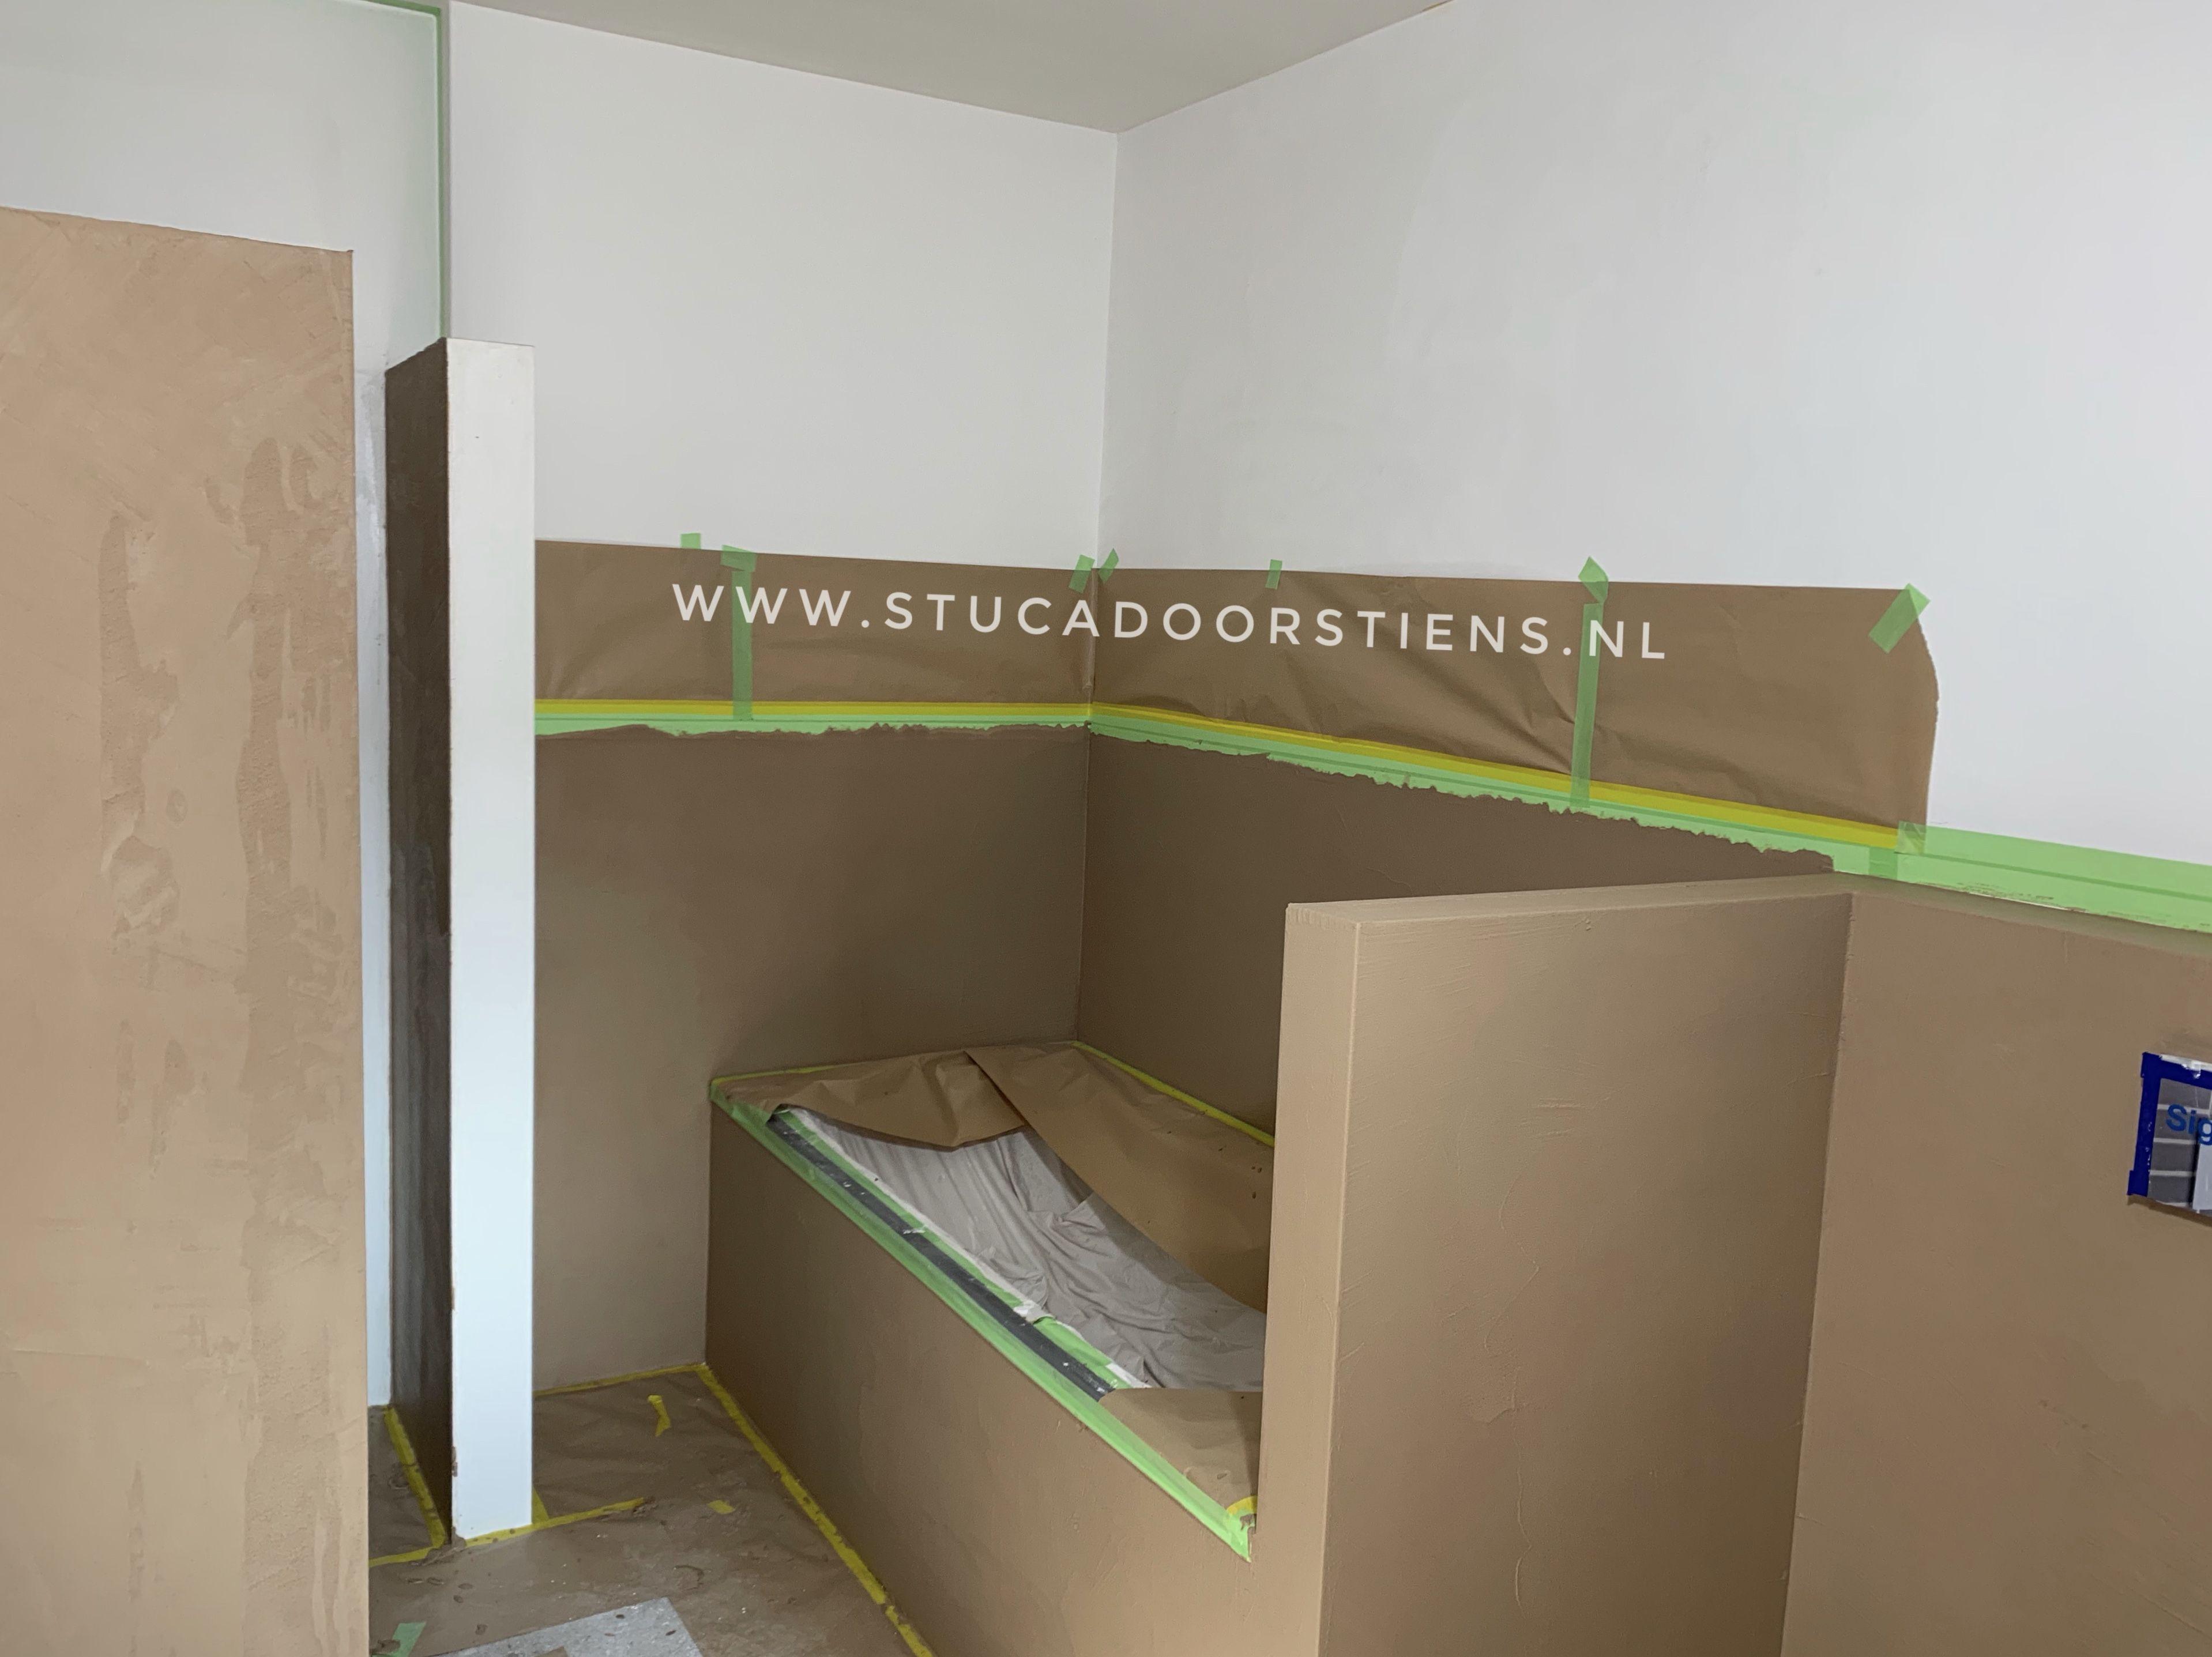 Badkamer Stucwerk Waterdicht : Aanbrengen van betoncire in de badkamer waterdicht stucwerk in meer